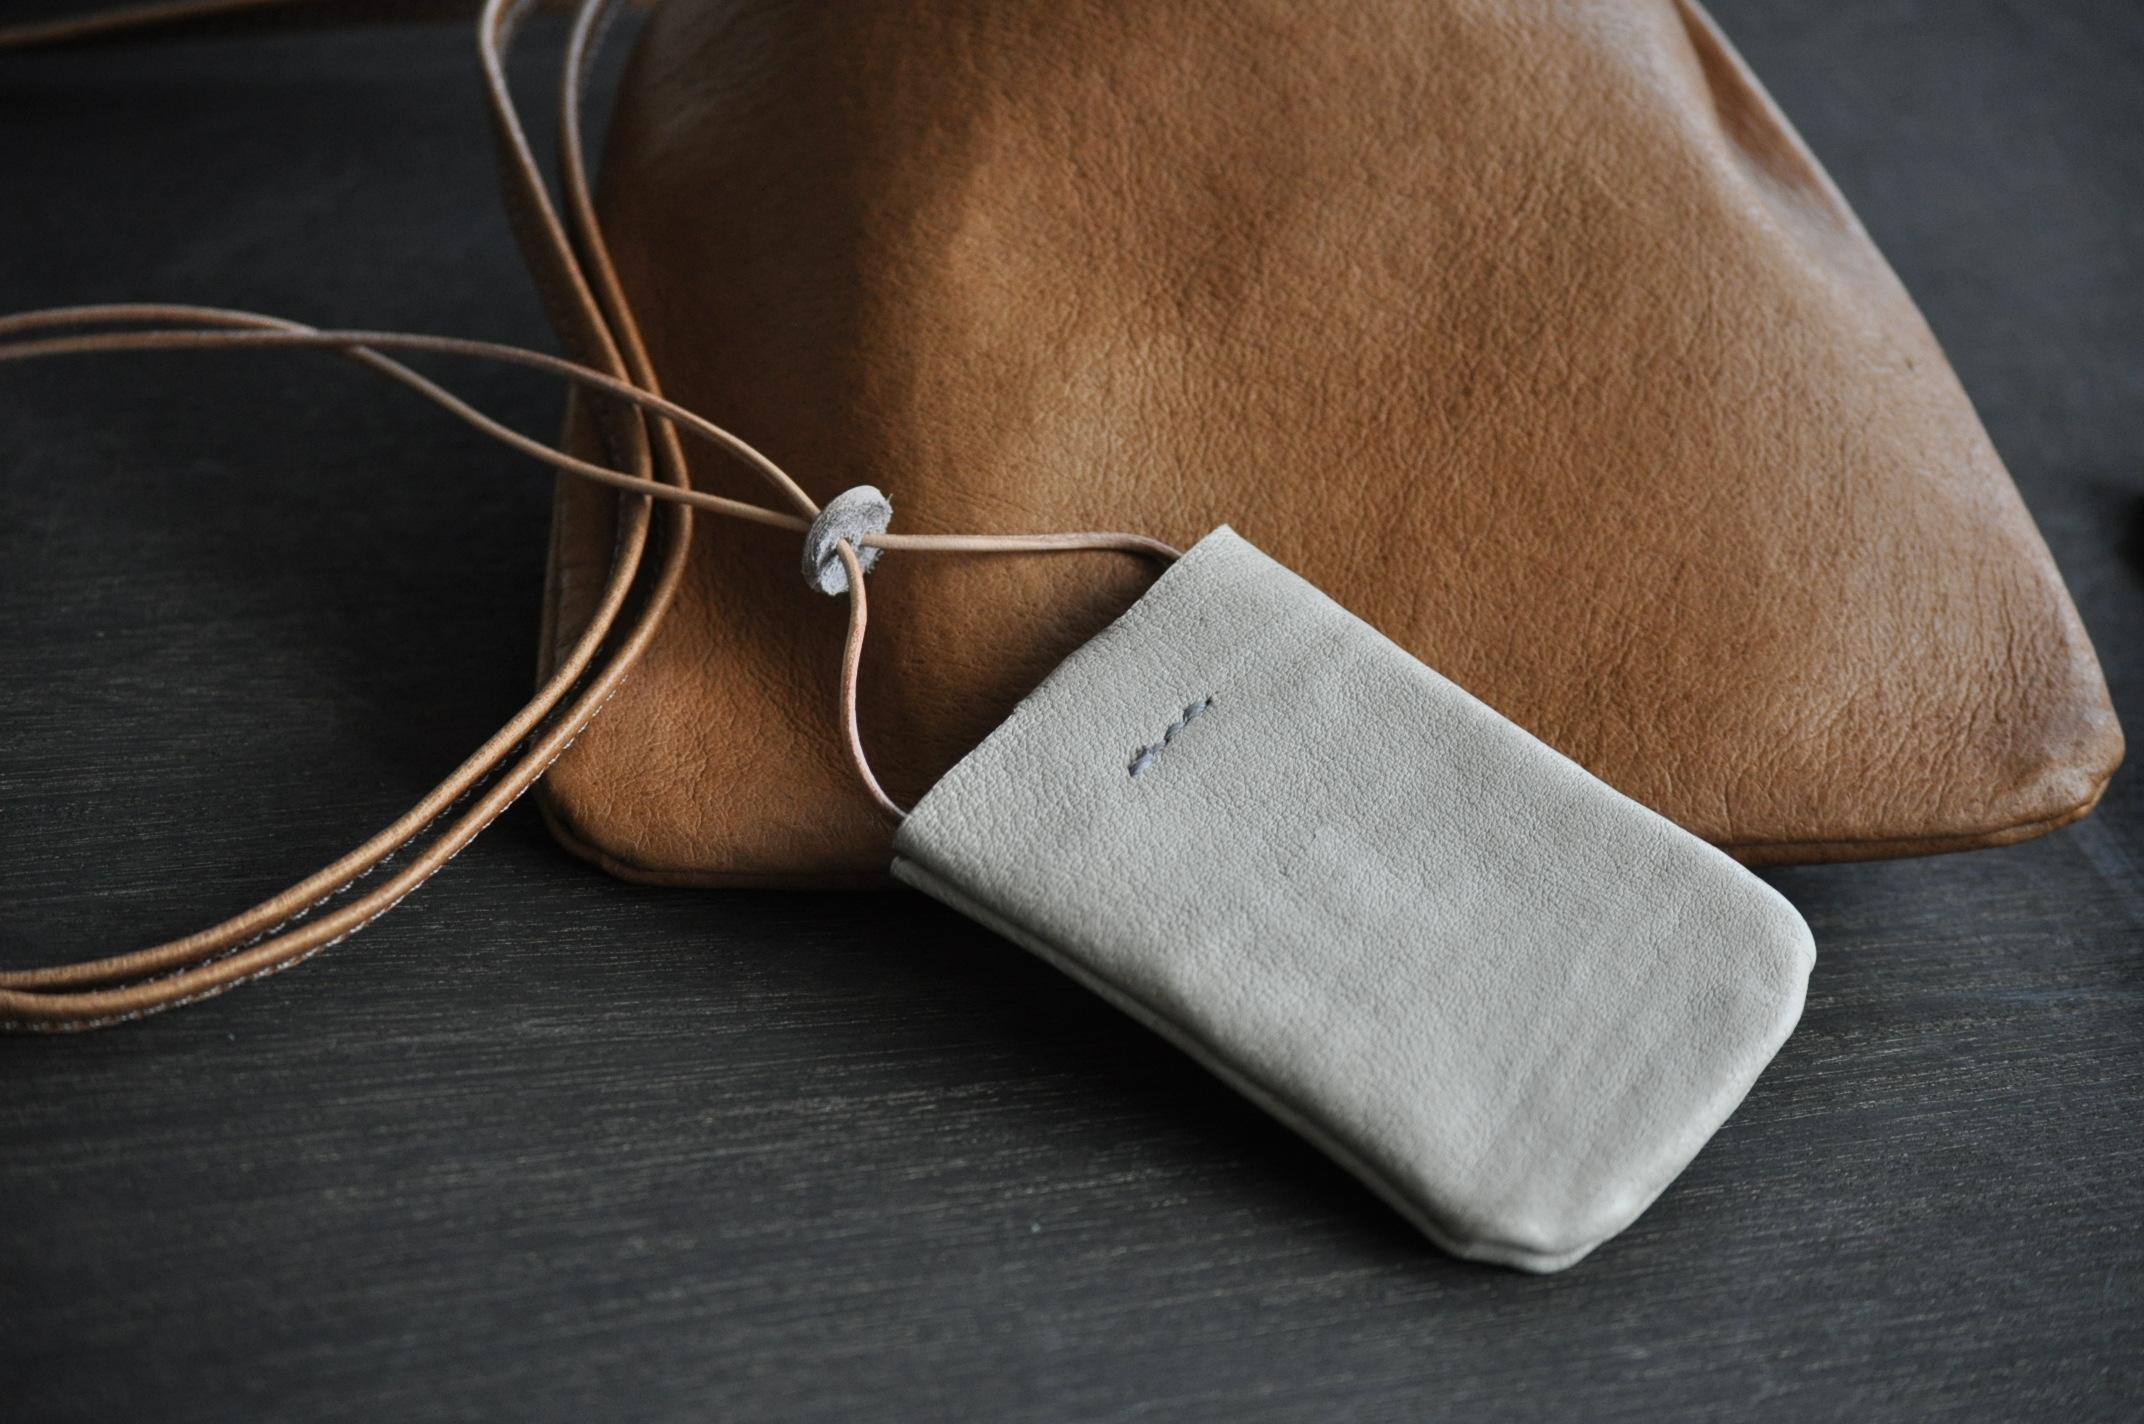 pick up item:優しい雰囲気のパスケース